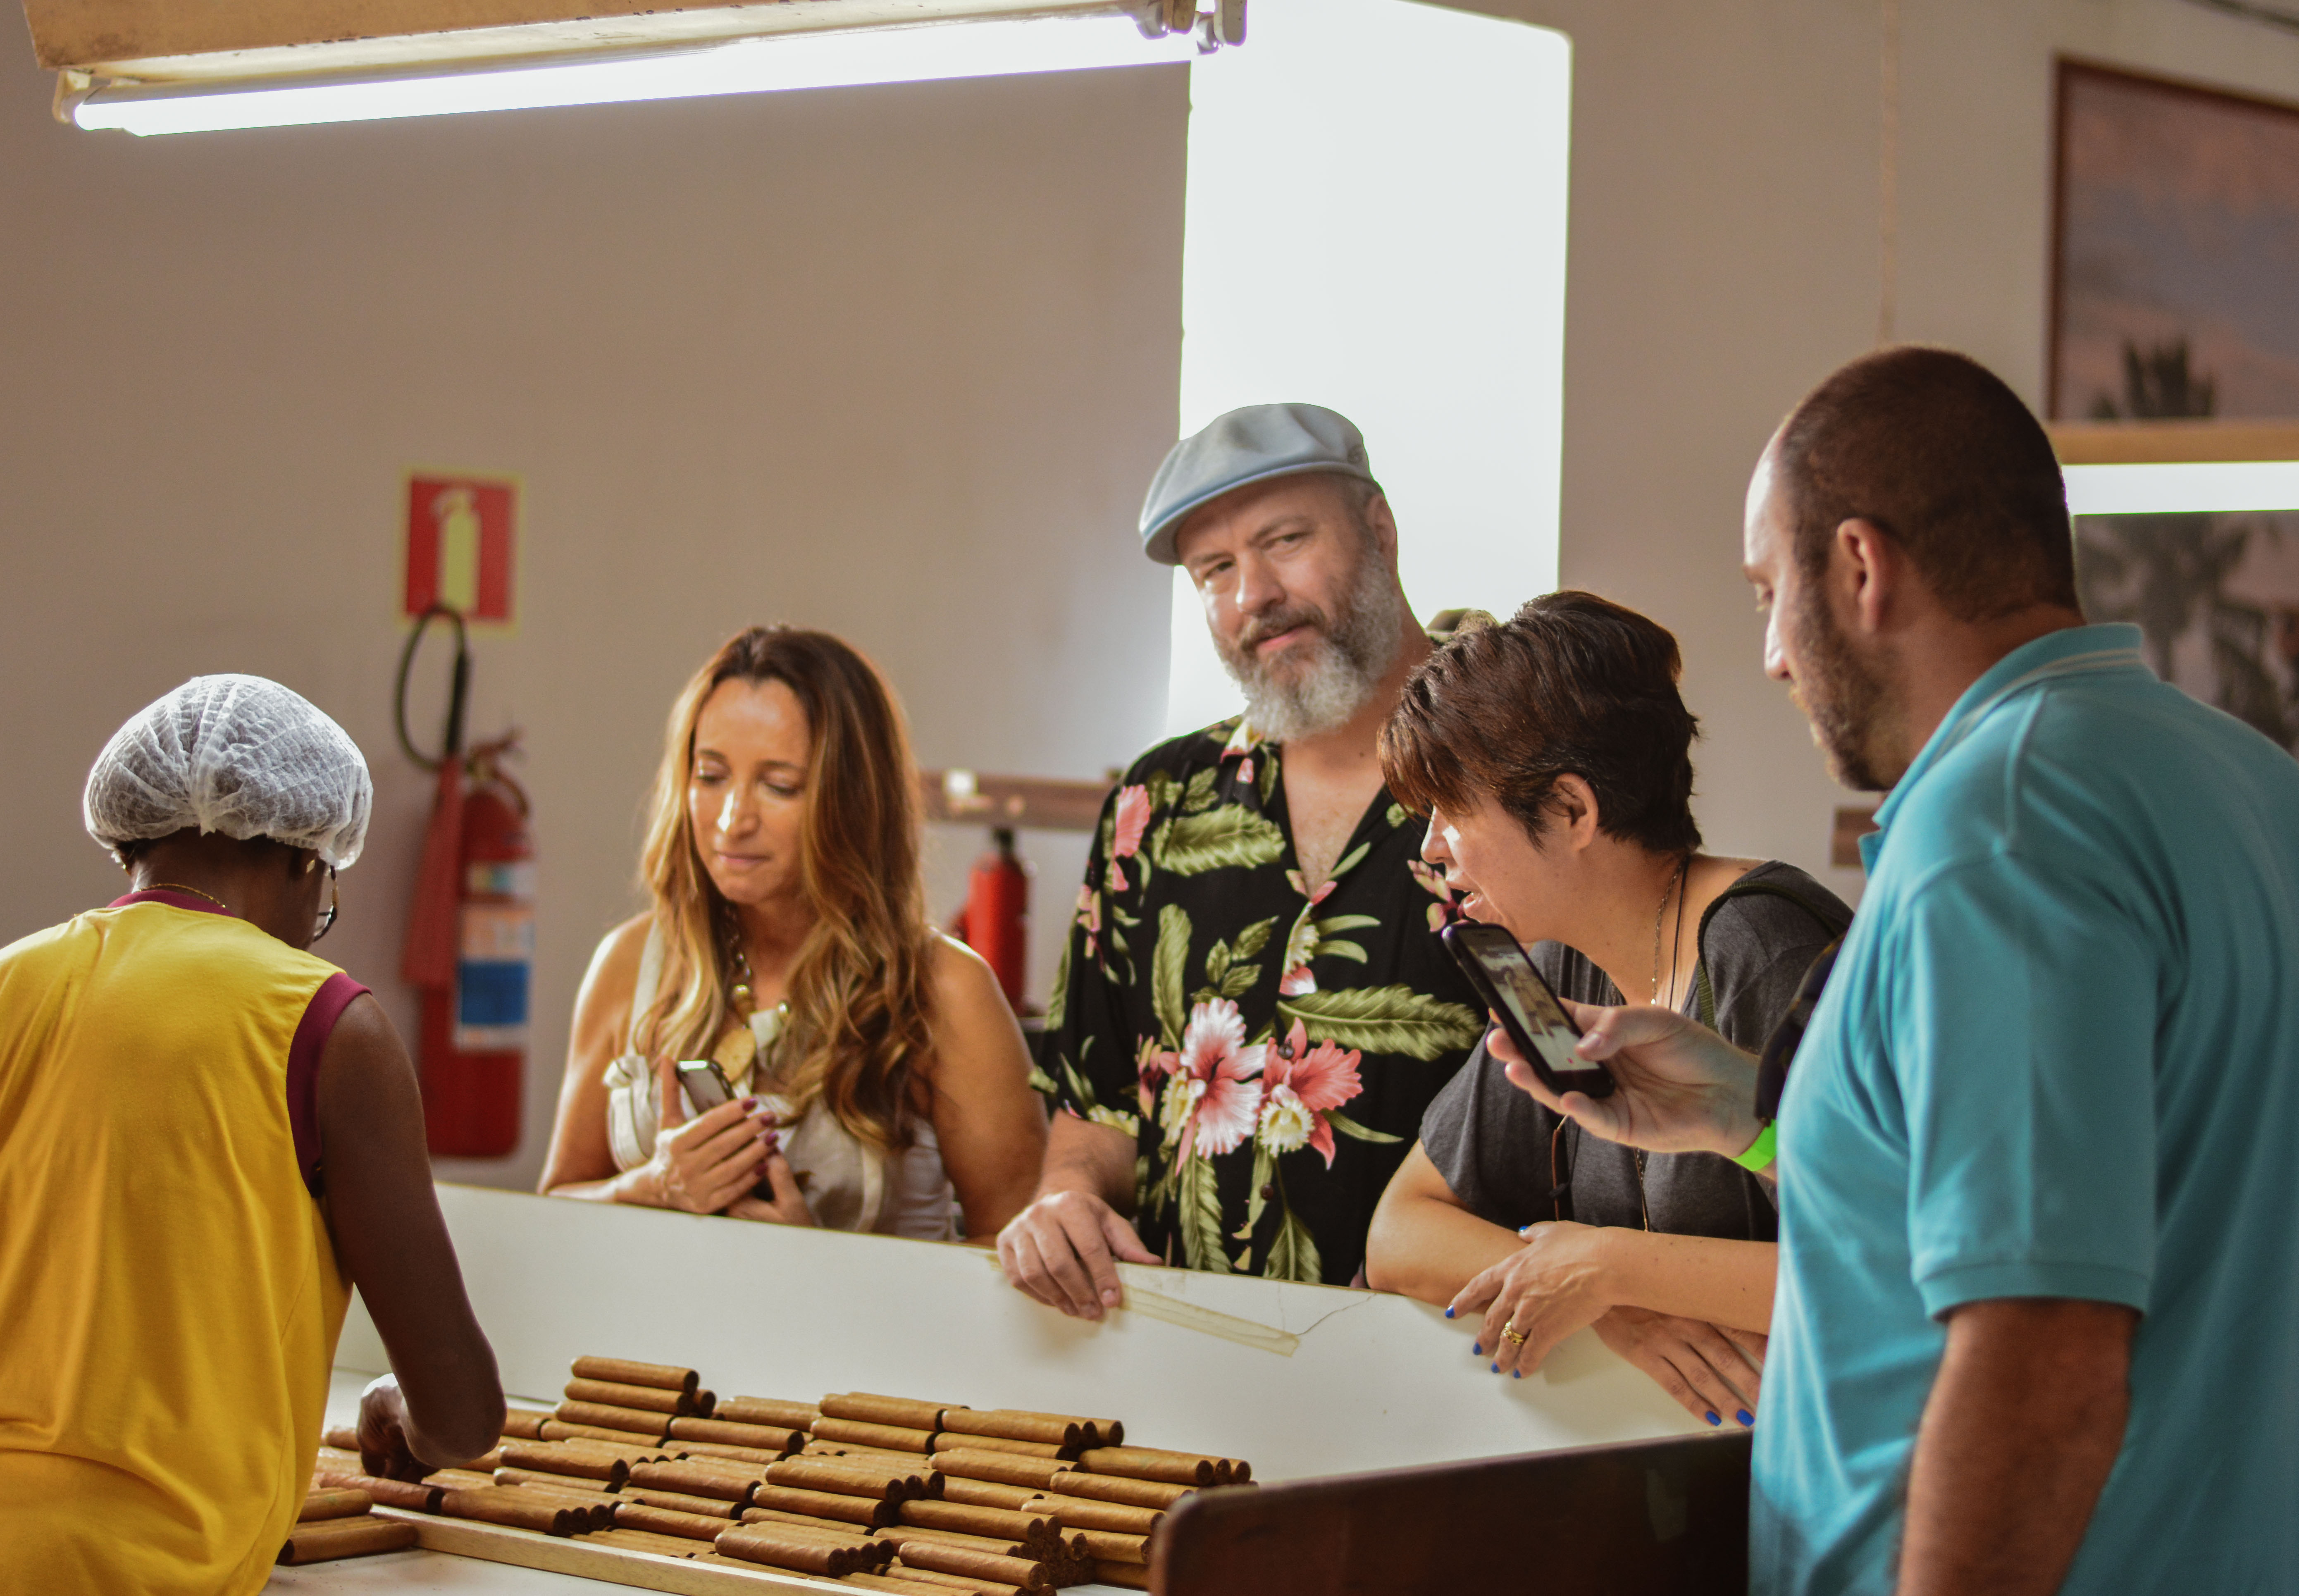 Participantes do Festival Origens visitam Fábrica Menendez Amerino e participam de workshop de harmonização com o café